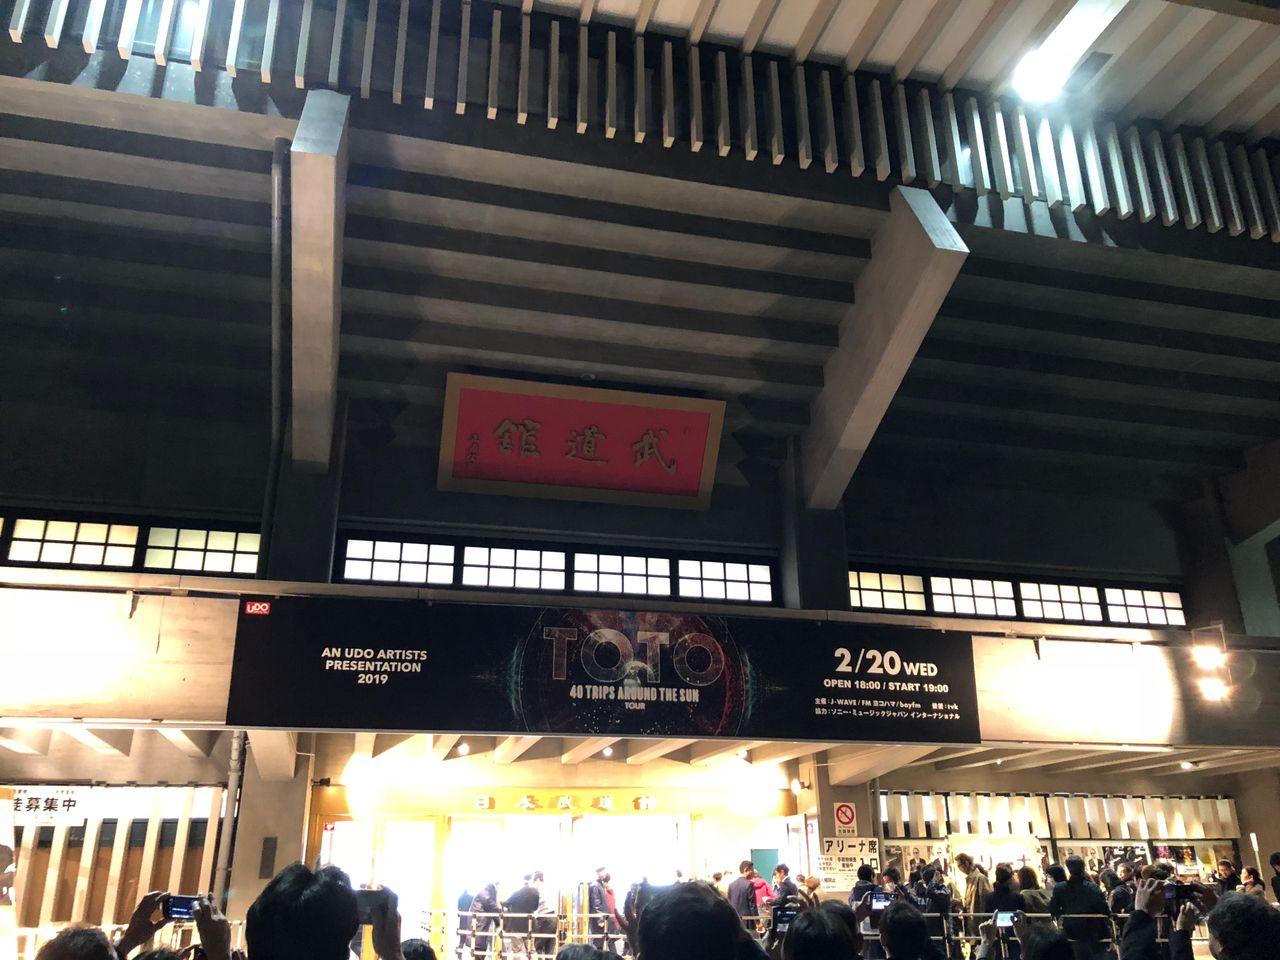 【ライブレポ】TOTO@日本武道館 2019.2.20 : Heart Of Steel